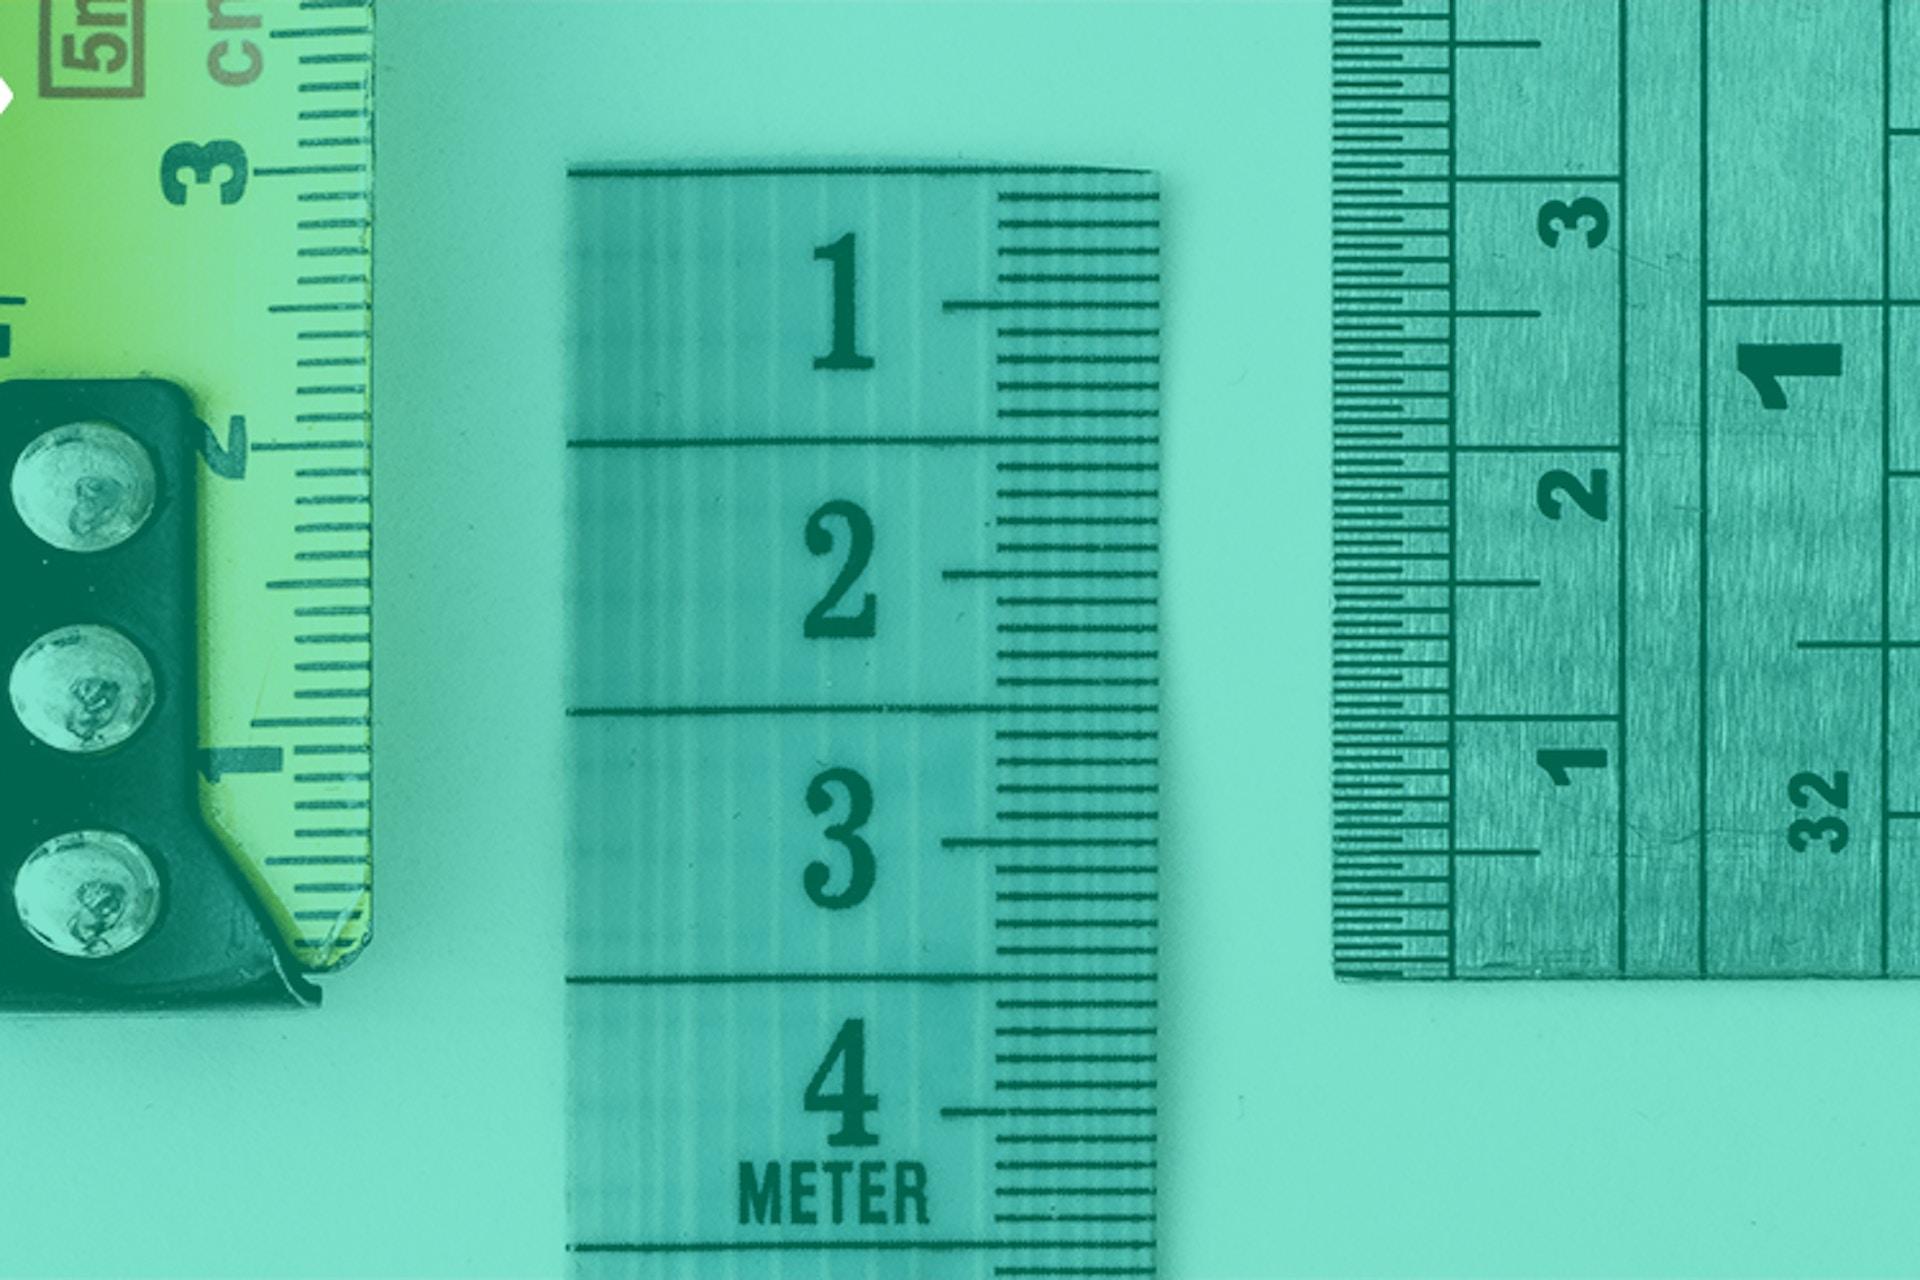 Metric - measure